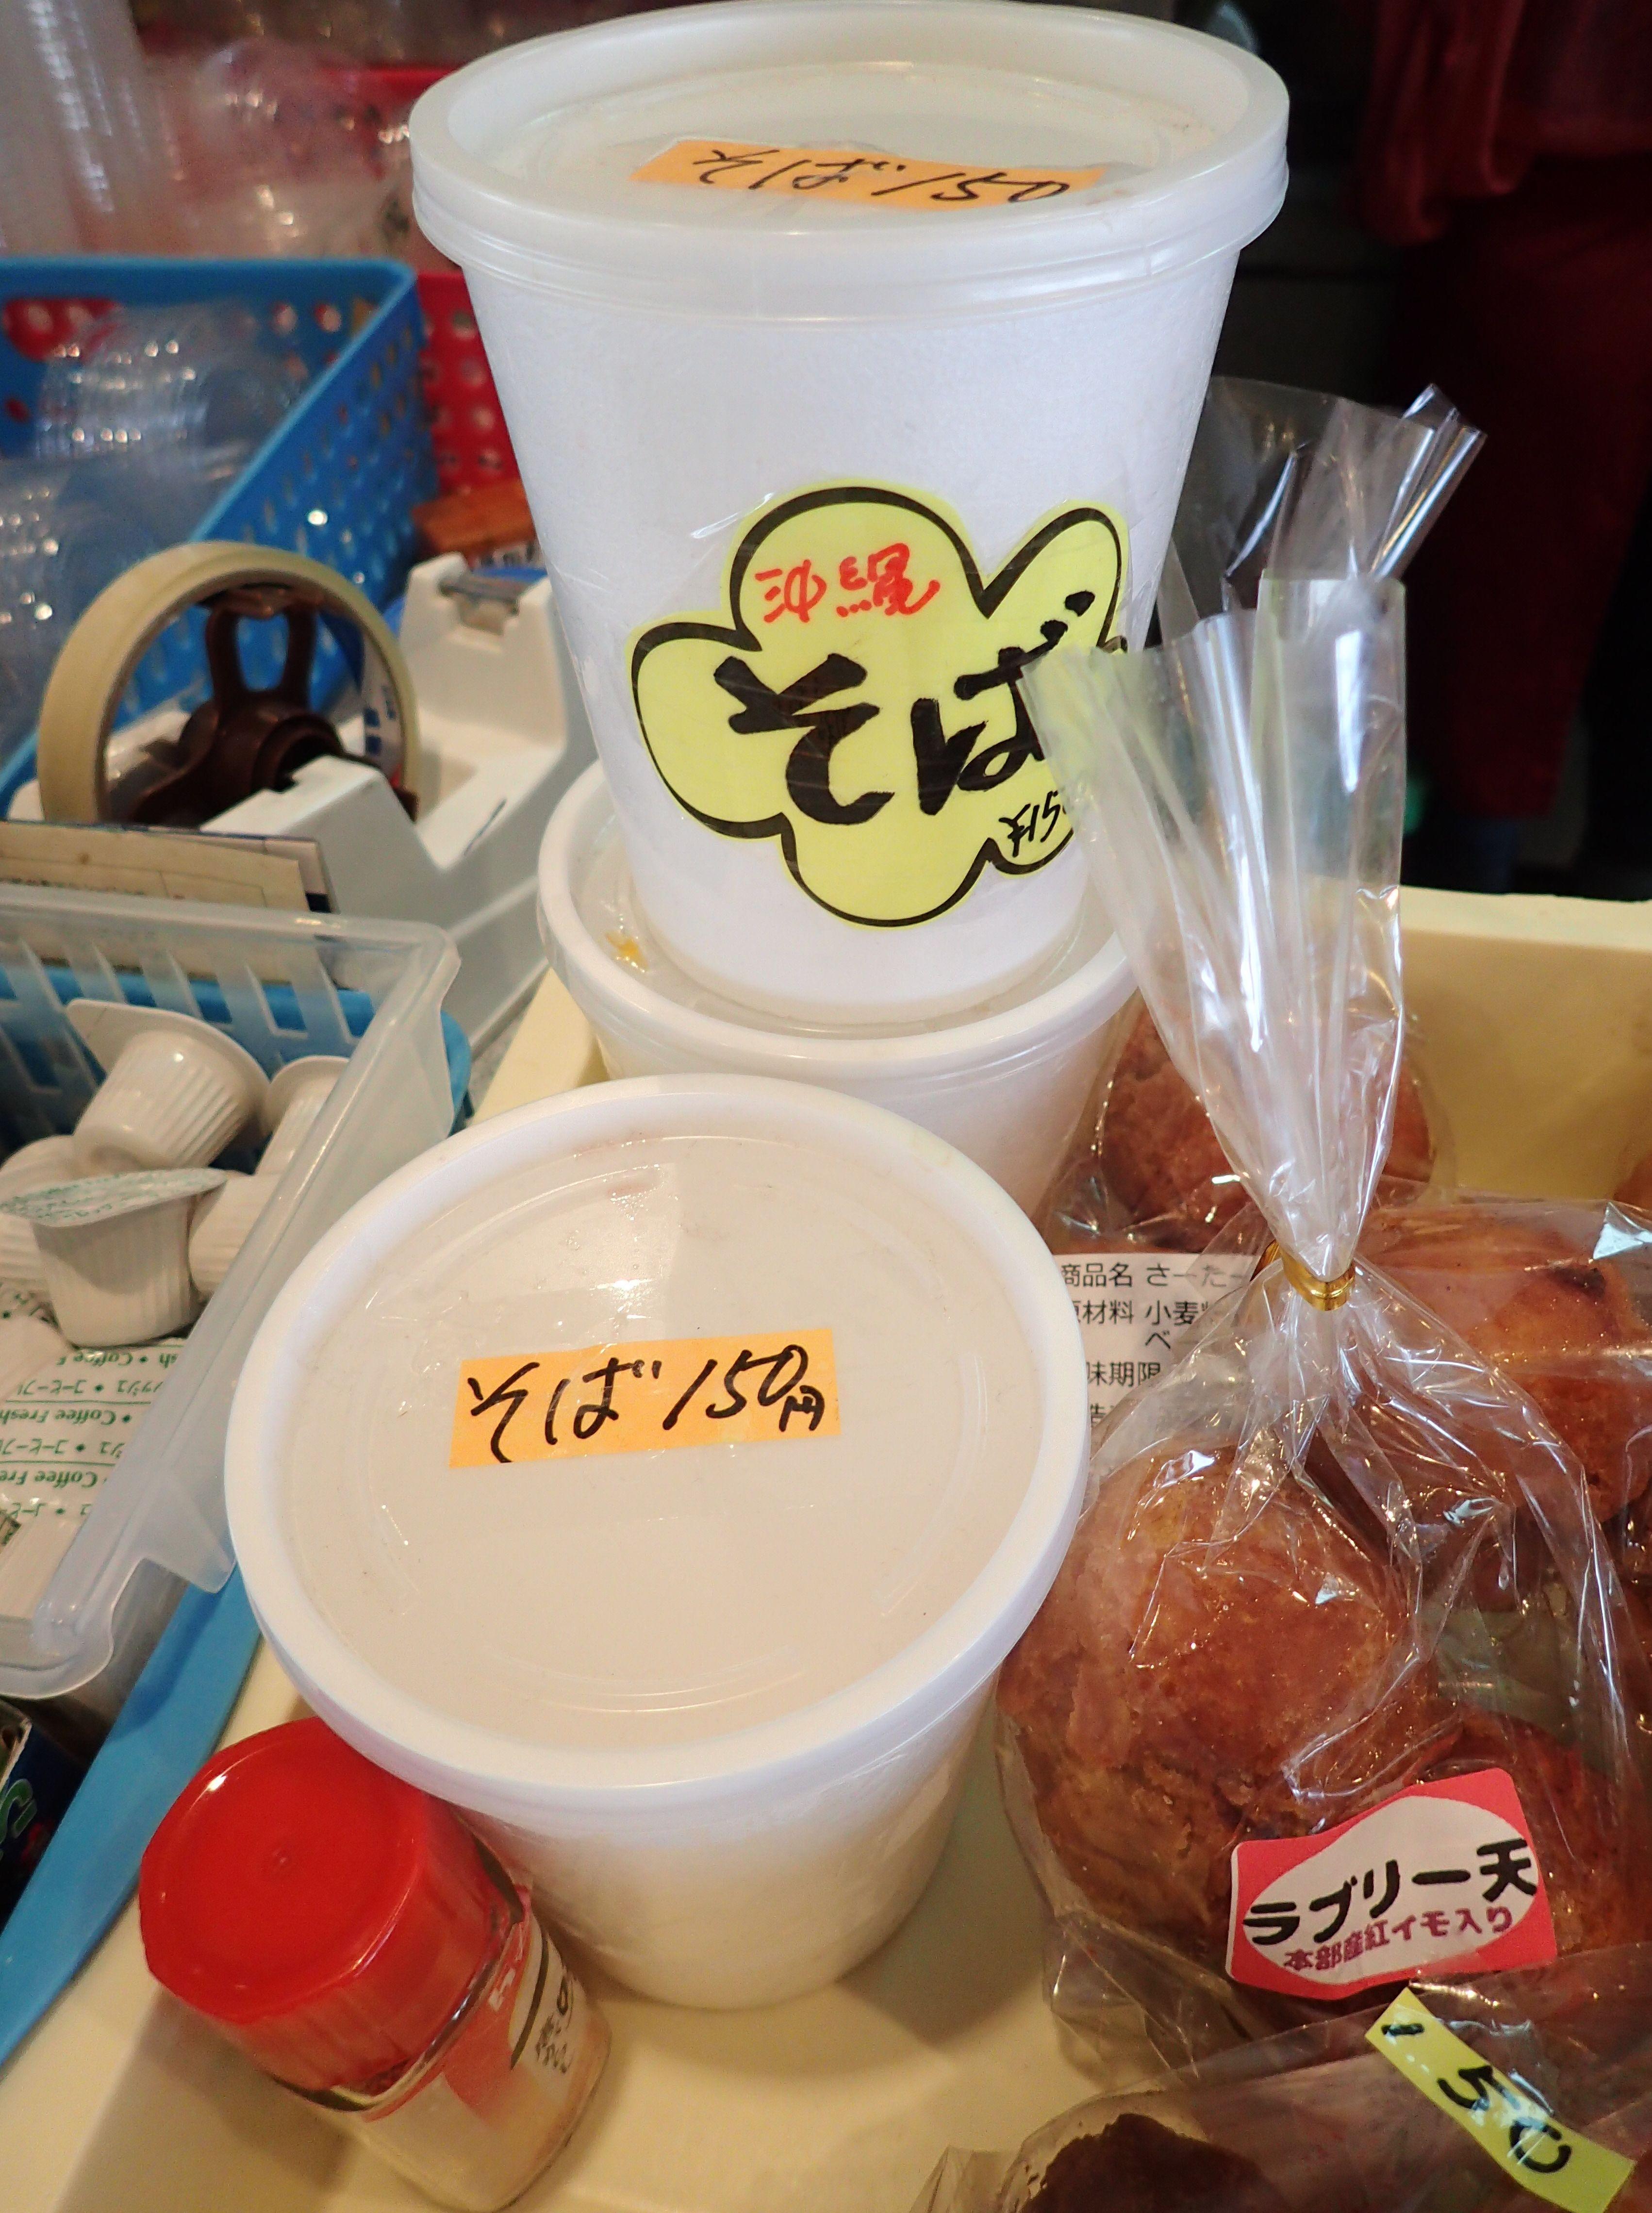 弁当屋さんでありそうなカップ入りの沖縄そば150円